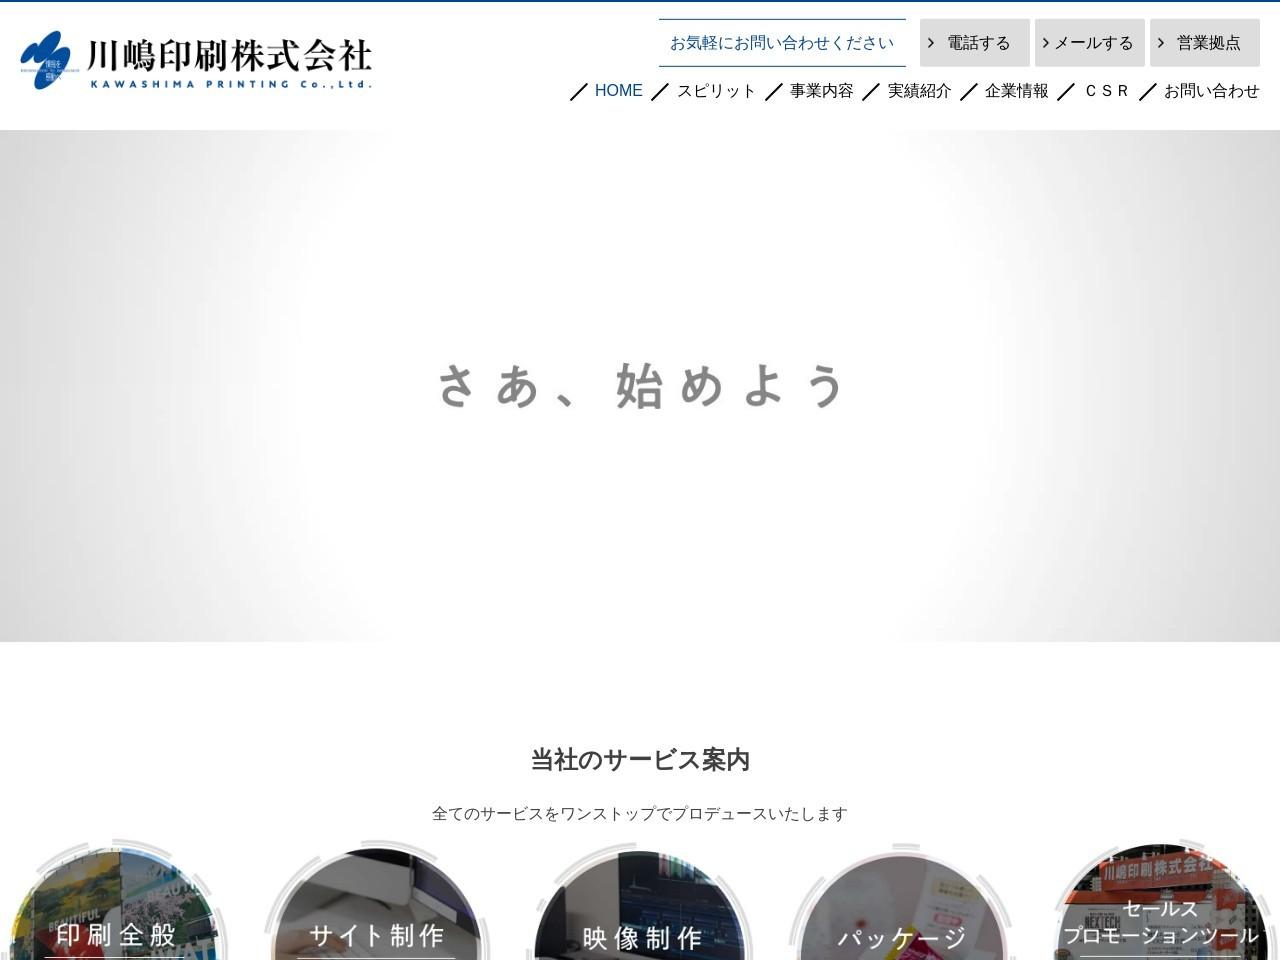 川嶋印刷株式会社